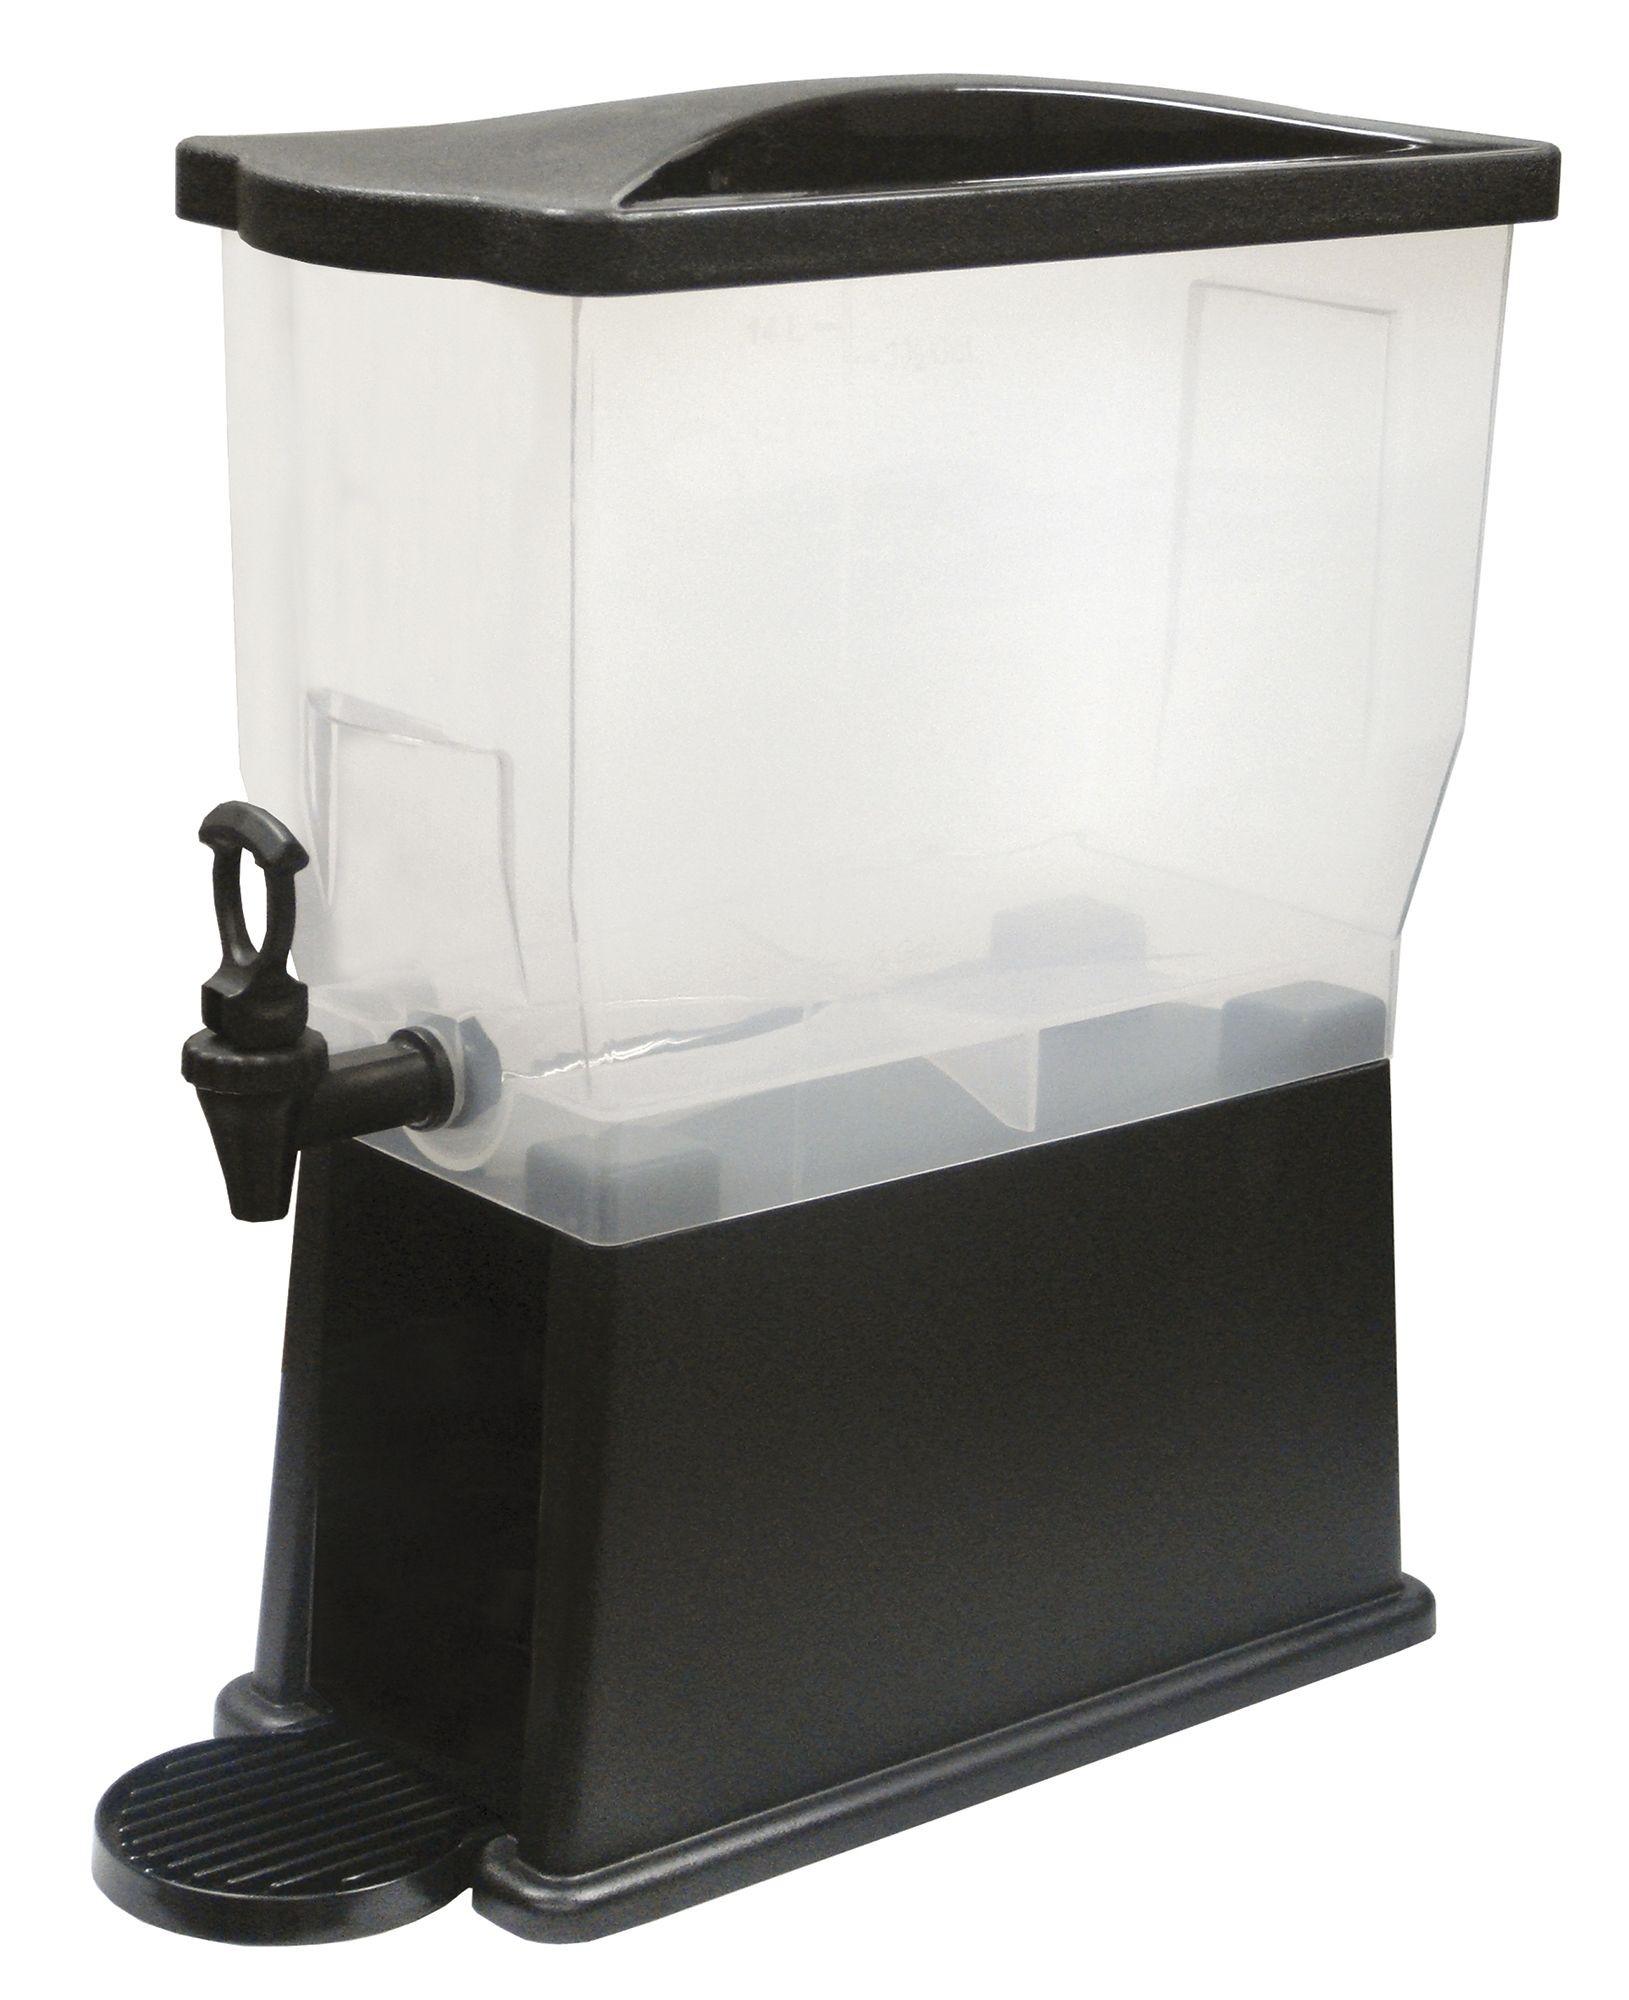 Winco PBD-3 Beverage Dispenser 3 Gallon